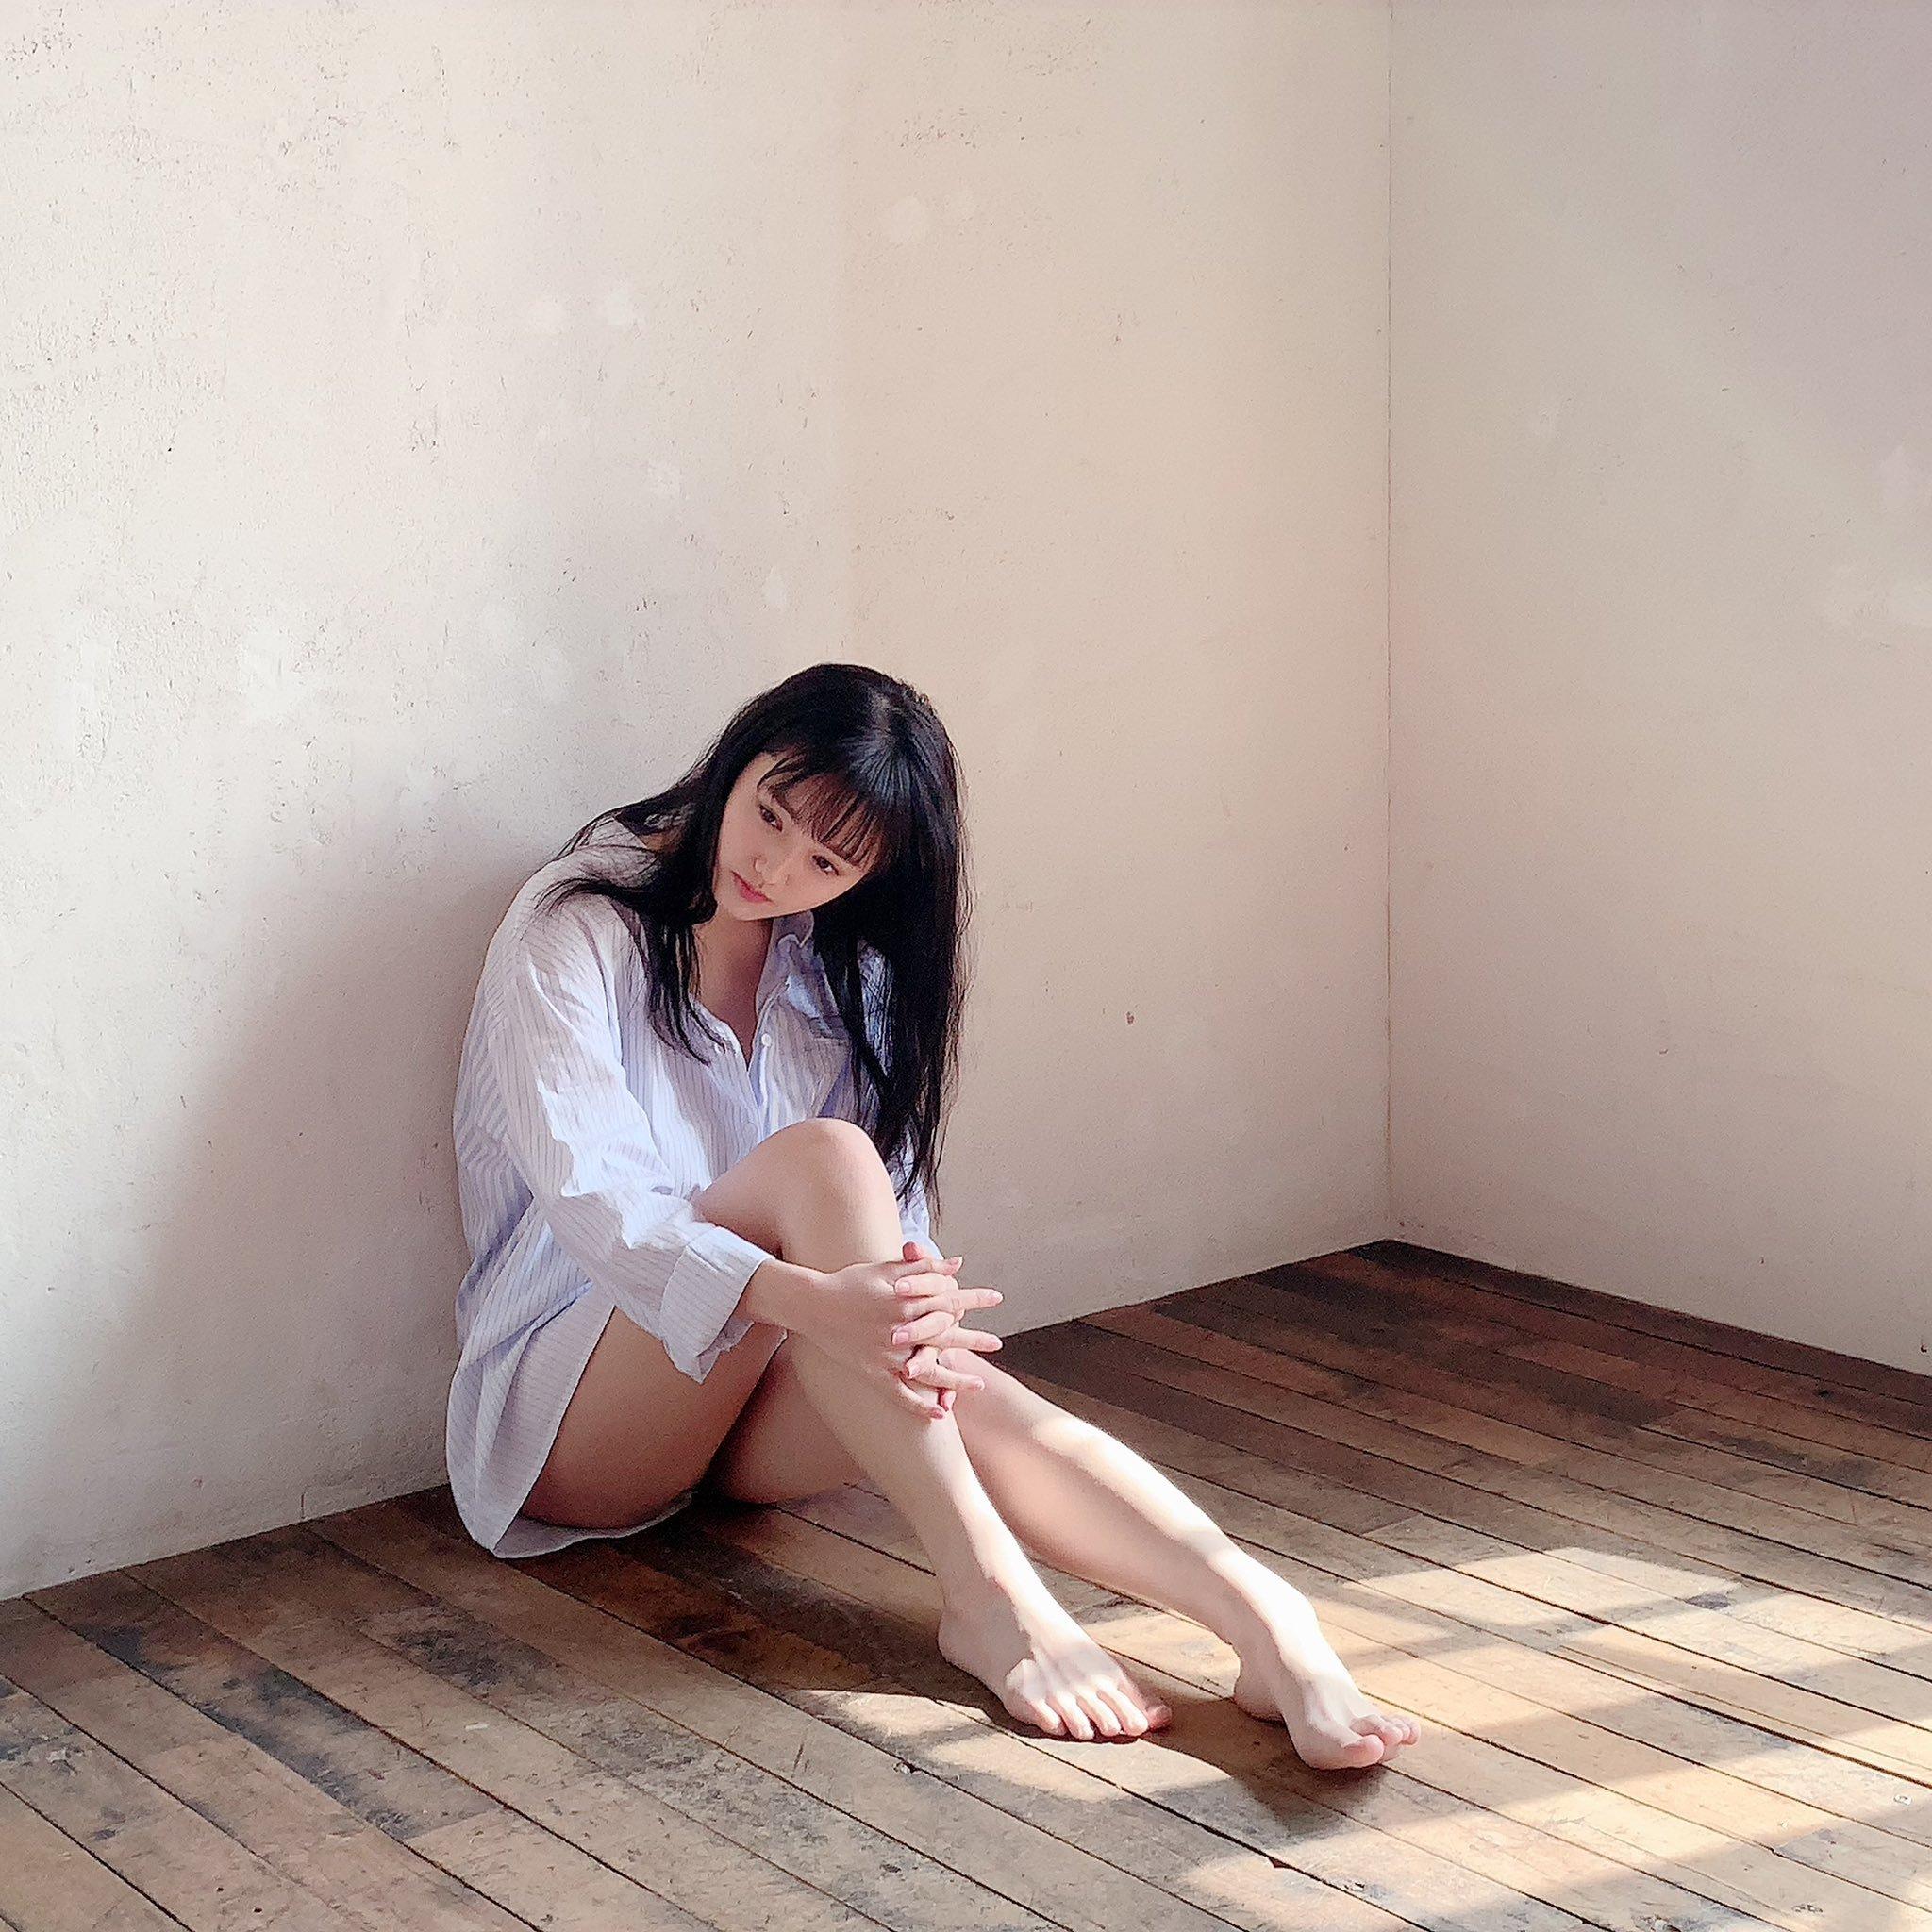 久等了20岁安藤笑樱睽违近一年推出写真 养眼图片 第5张